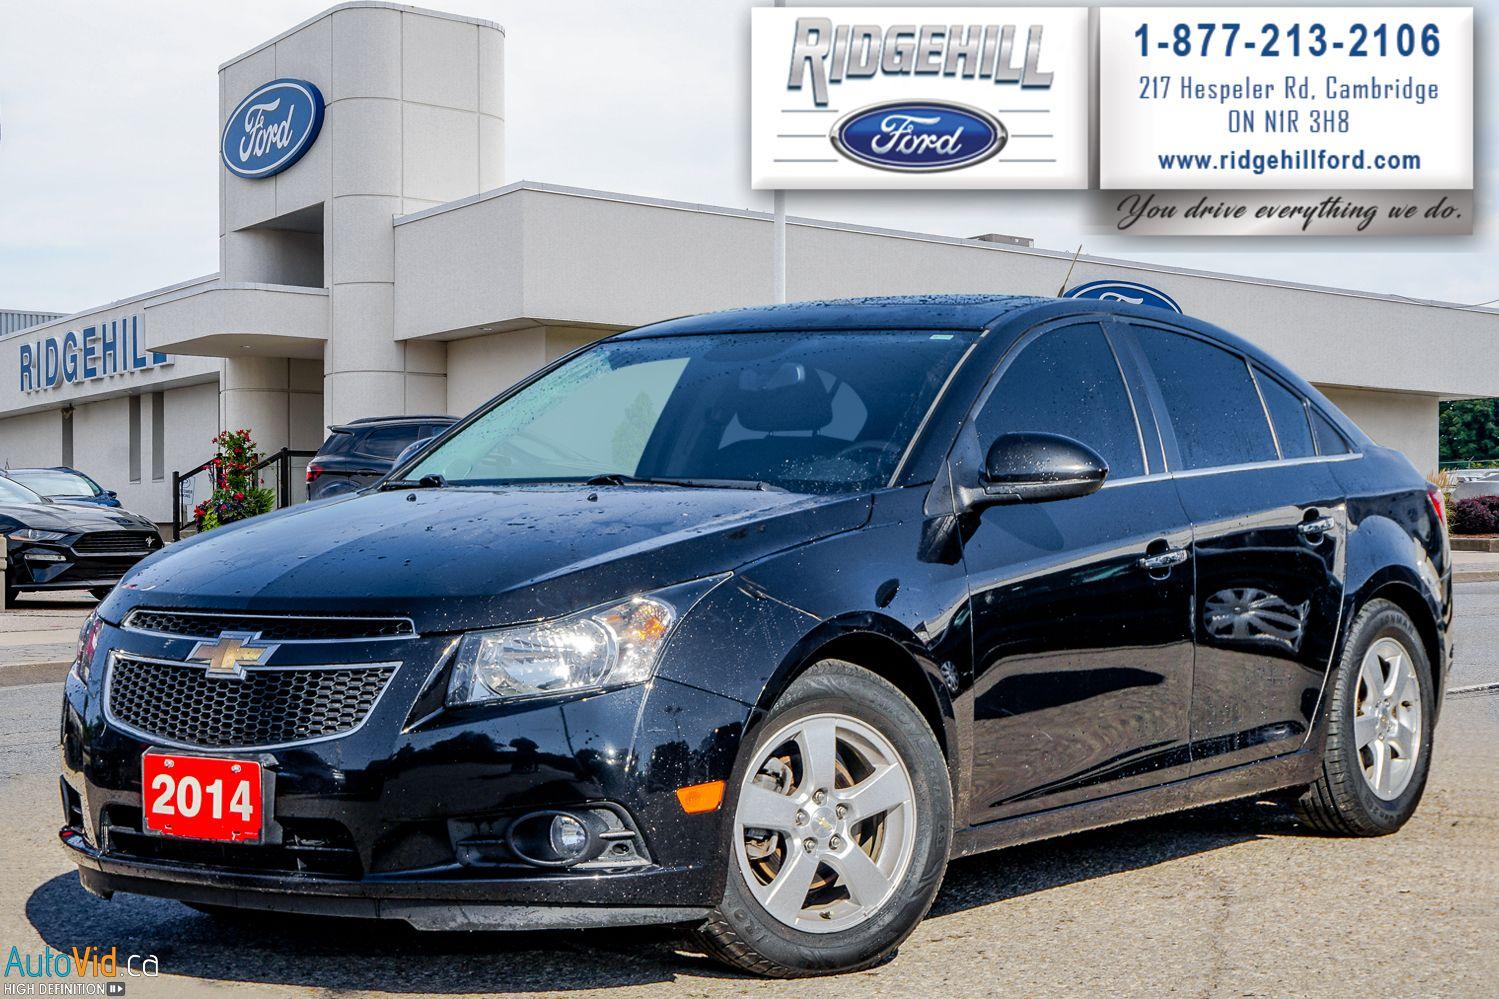 2014 Chevrolet Cruze Image